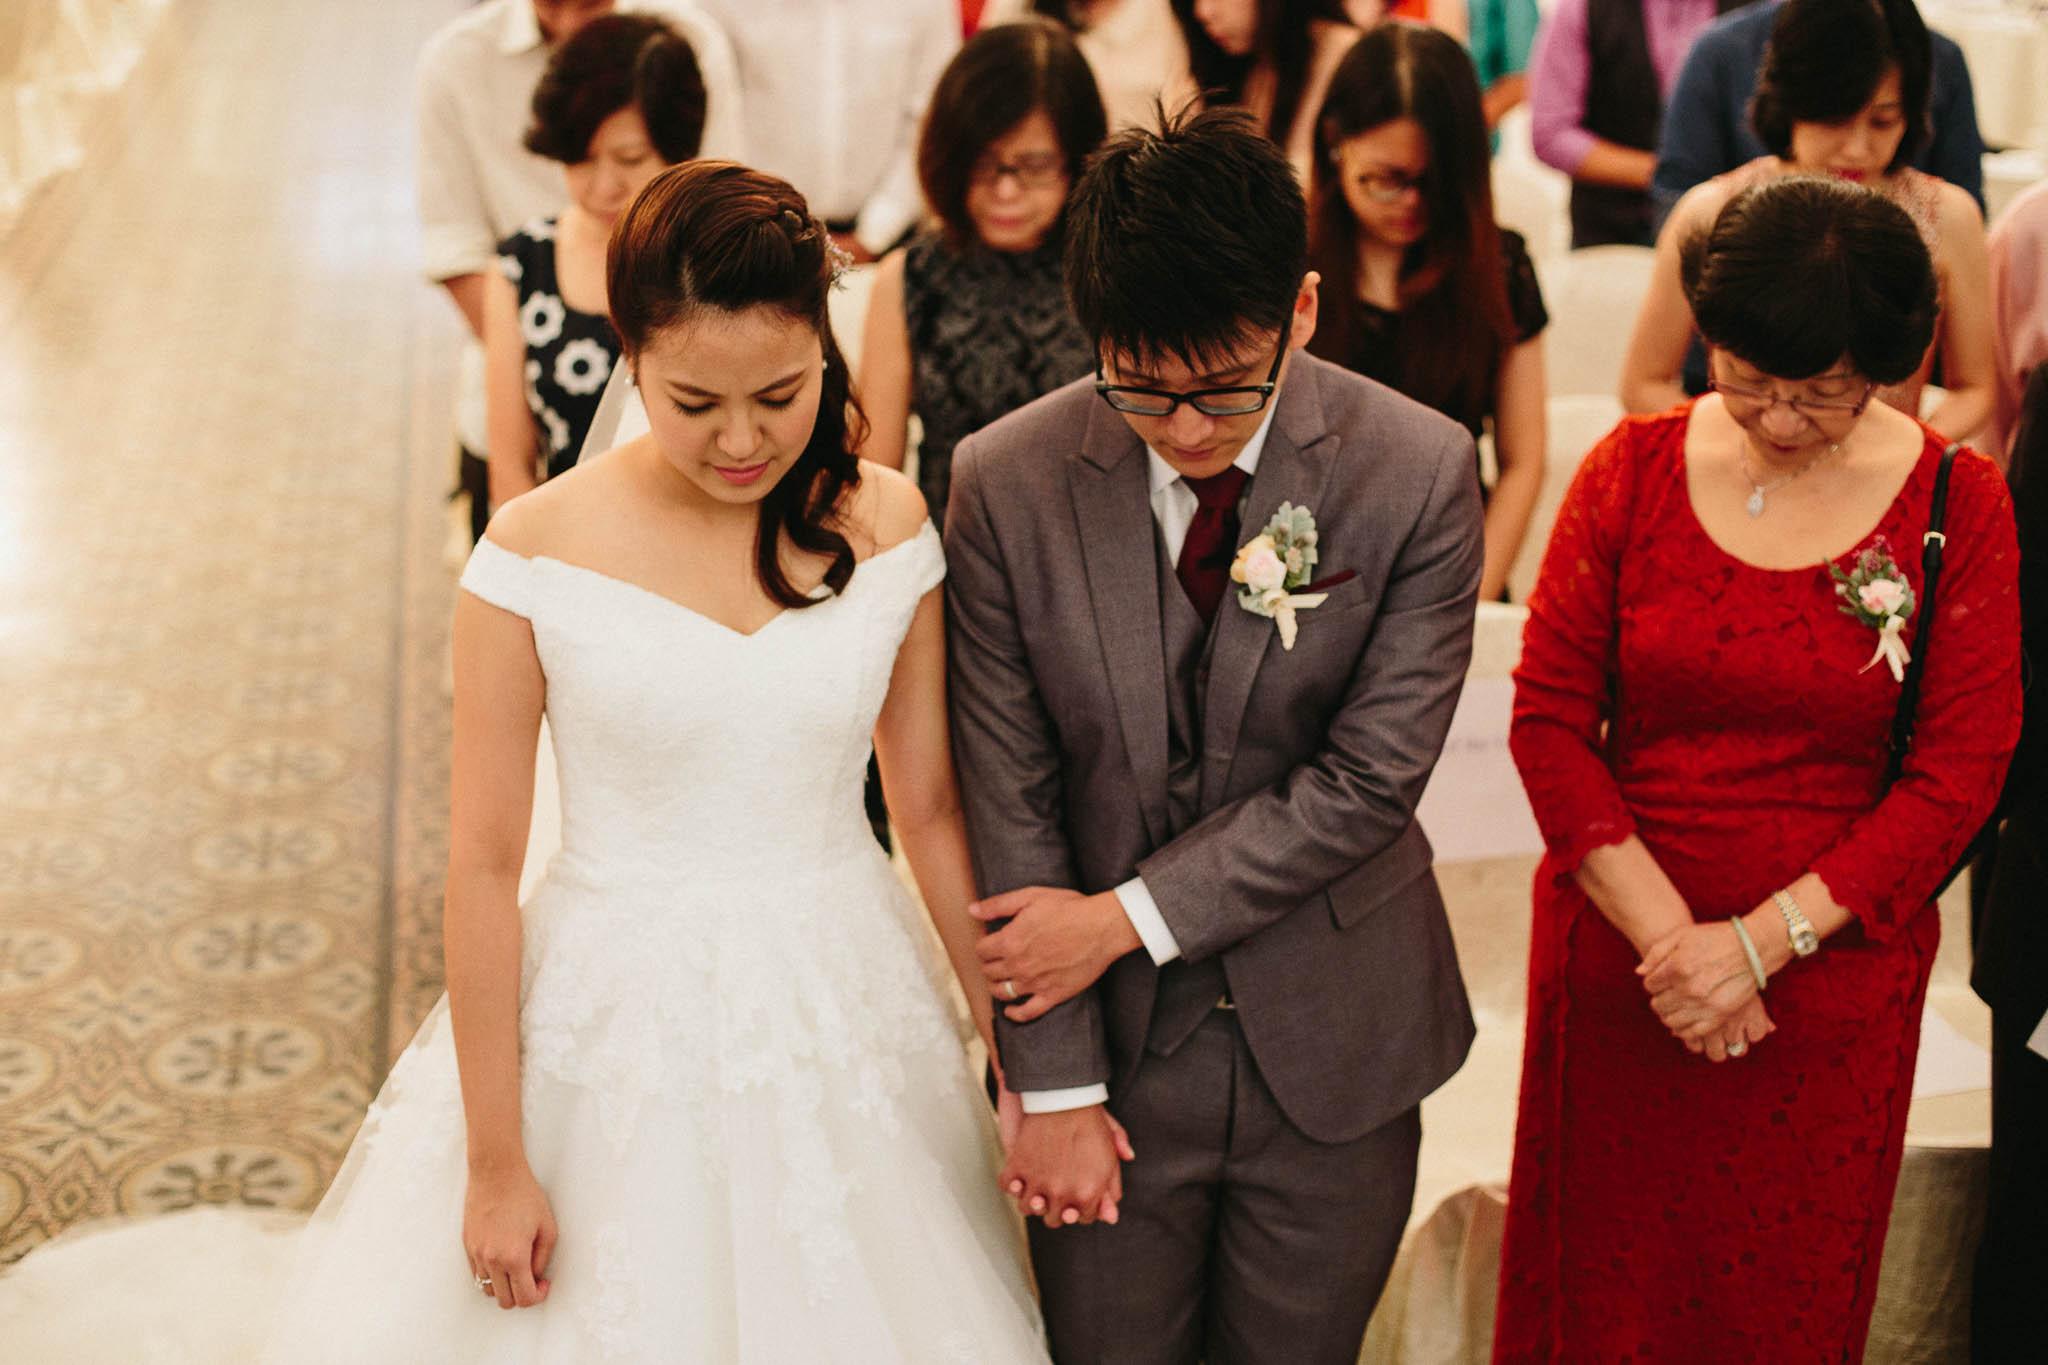 singapore-wedding-photographer-zhongwei-shihui-045.jpg